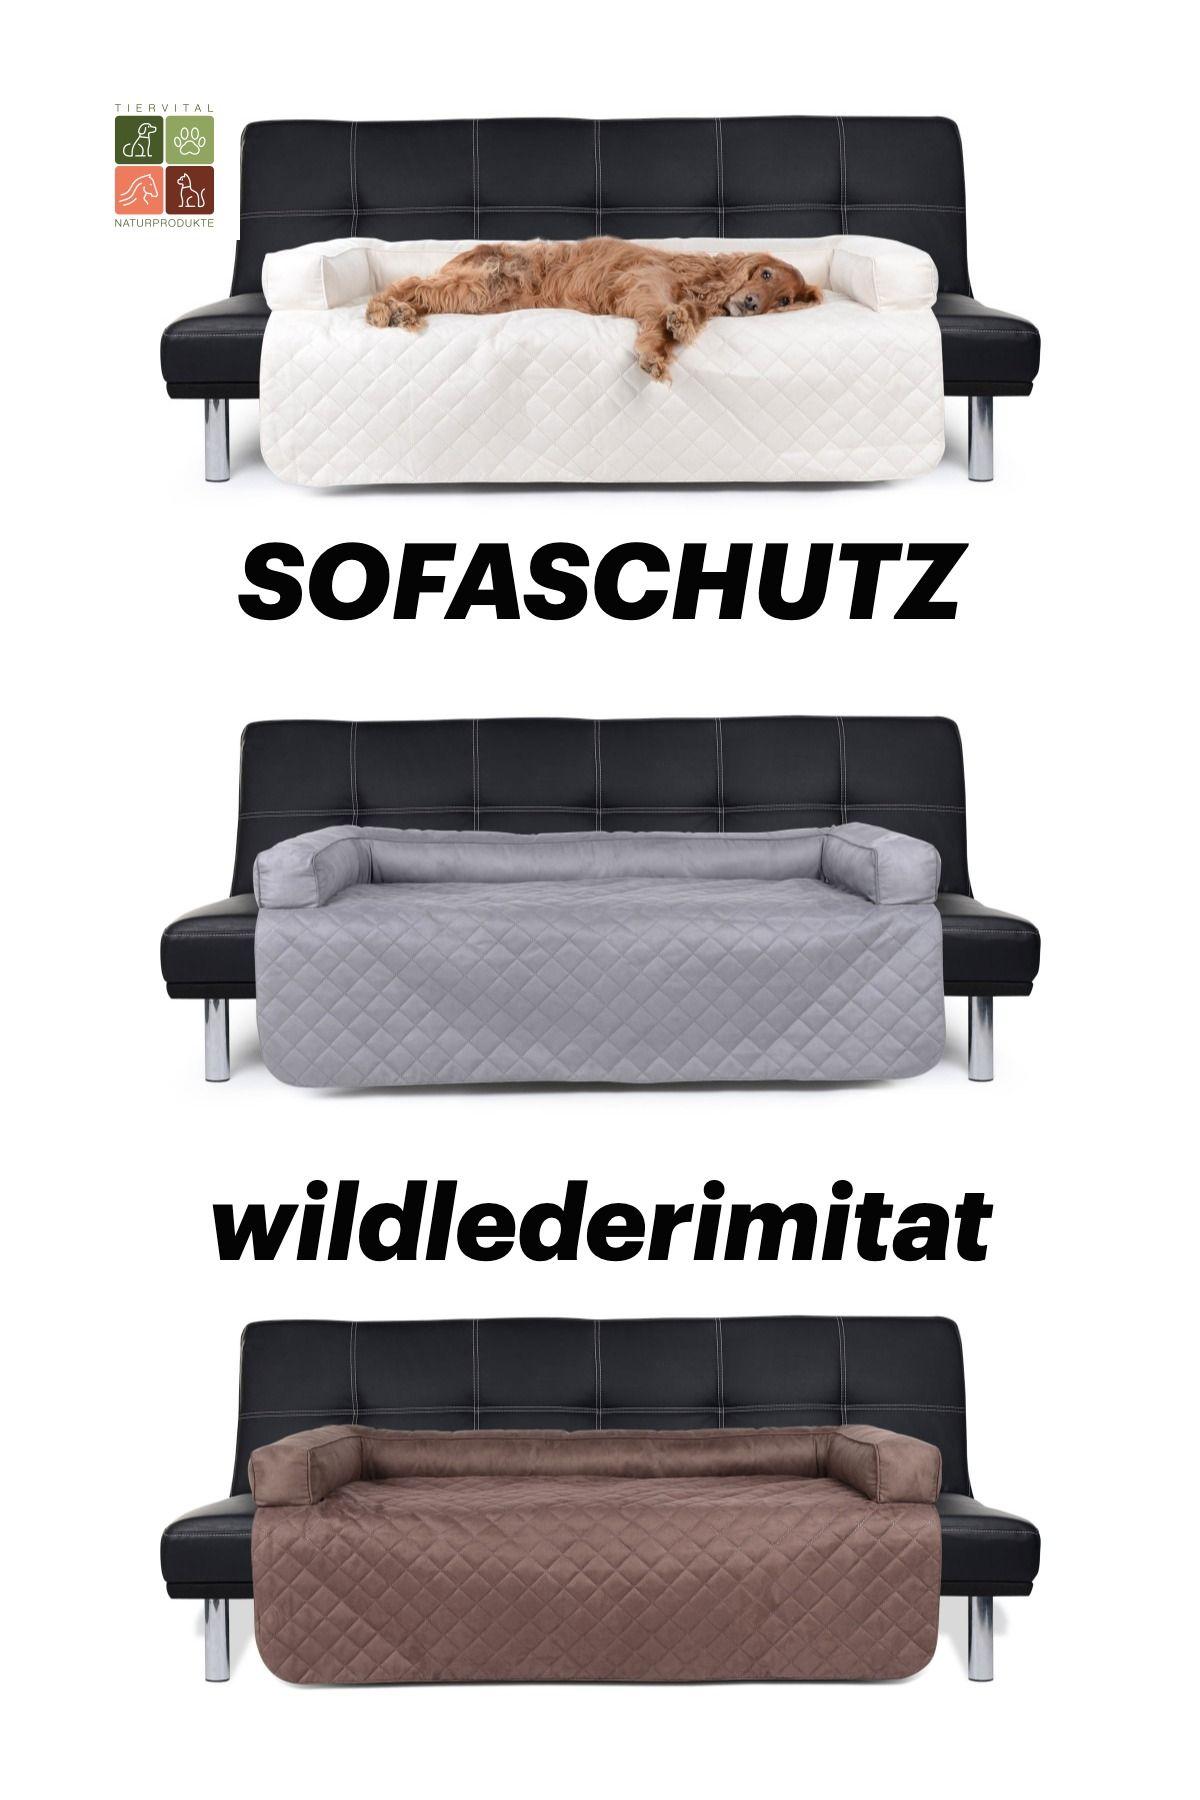 Sofaschutz Dakota Wildlederimitat In Trendigen Farben In 2020 Sofaschutz Hundekissen Hunde Kissen